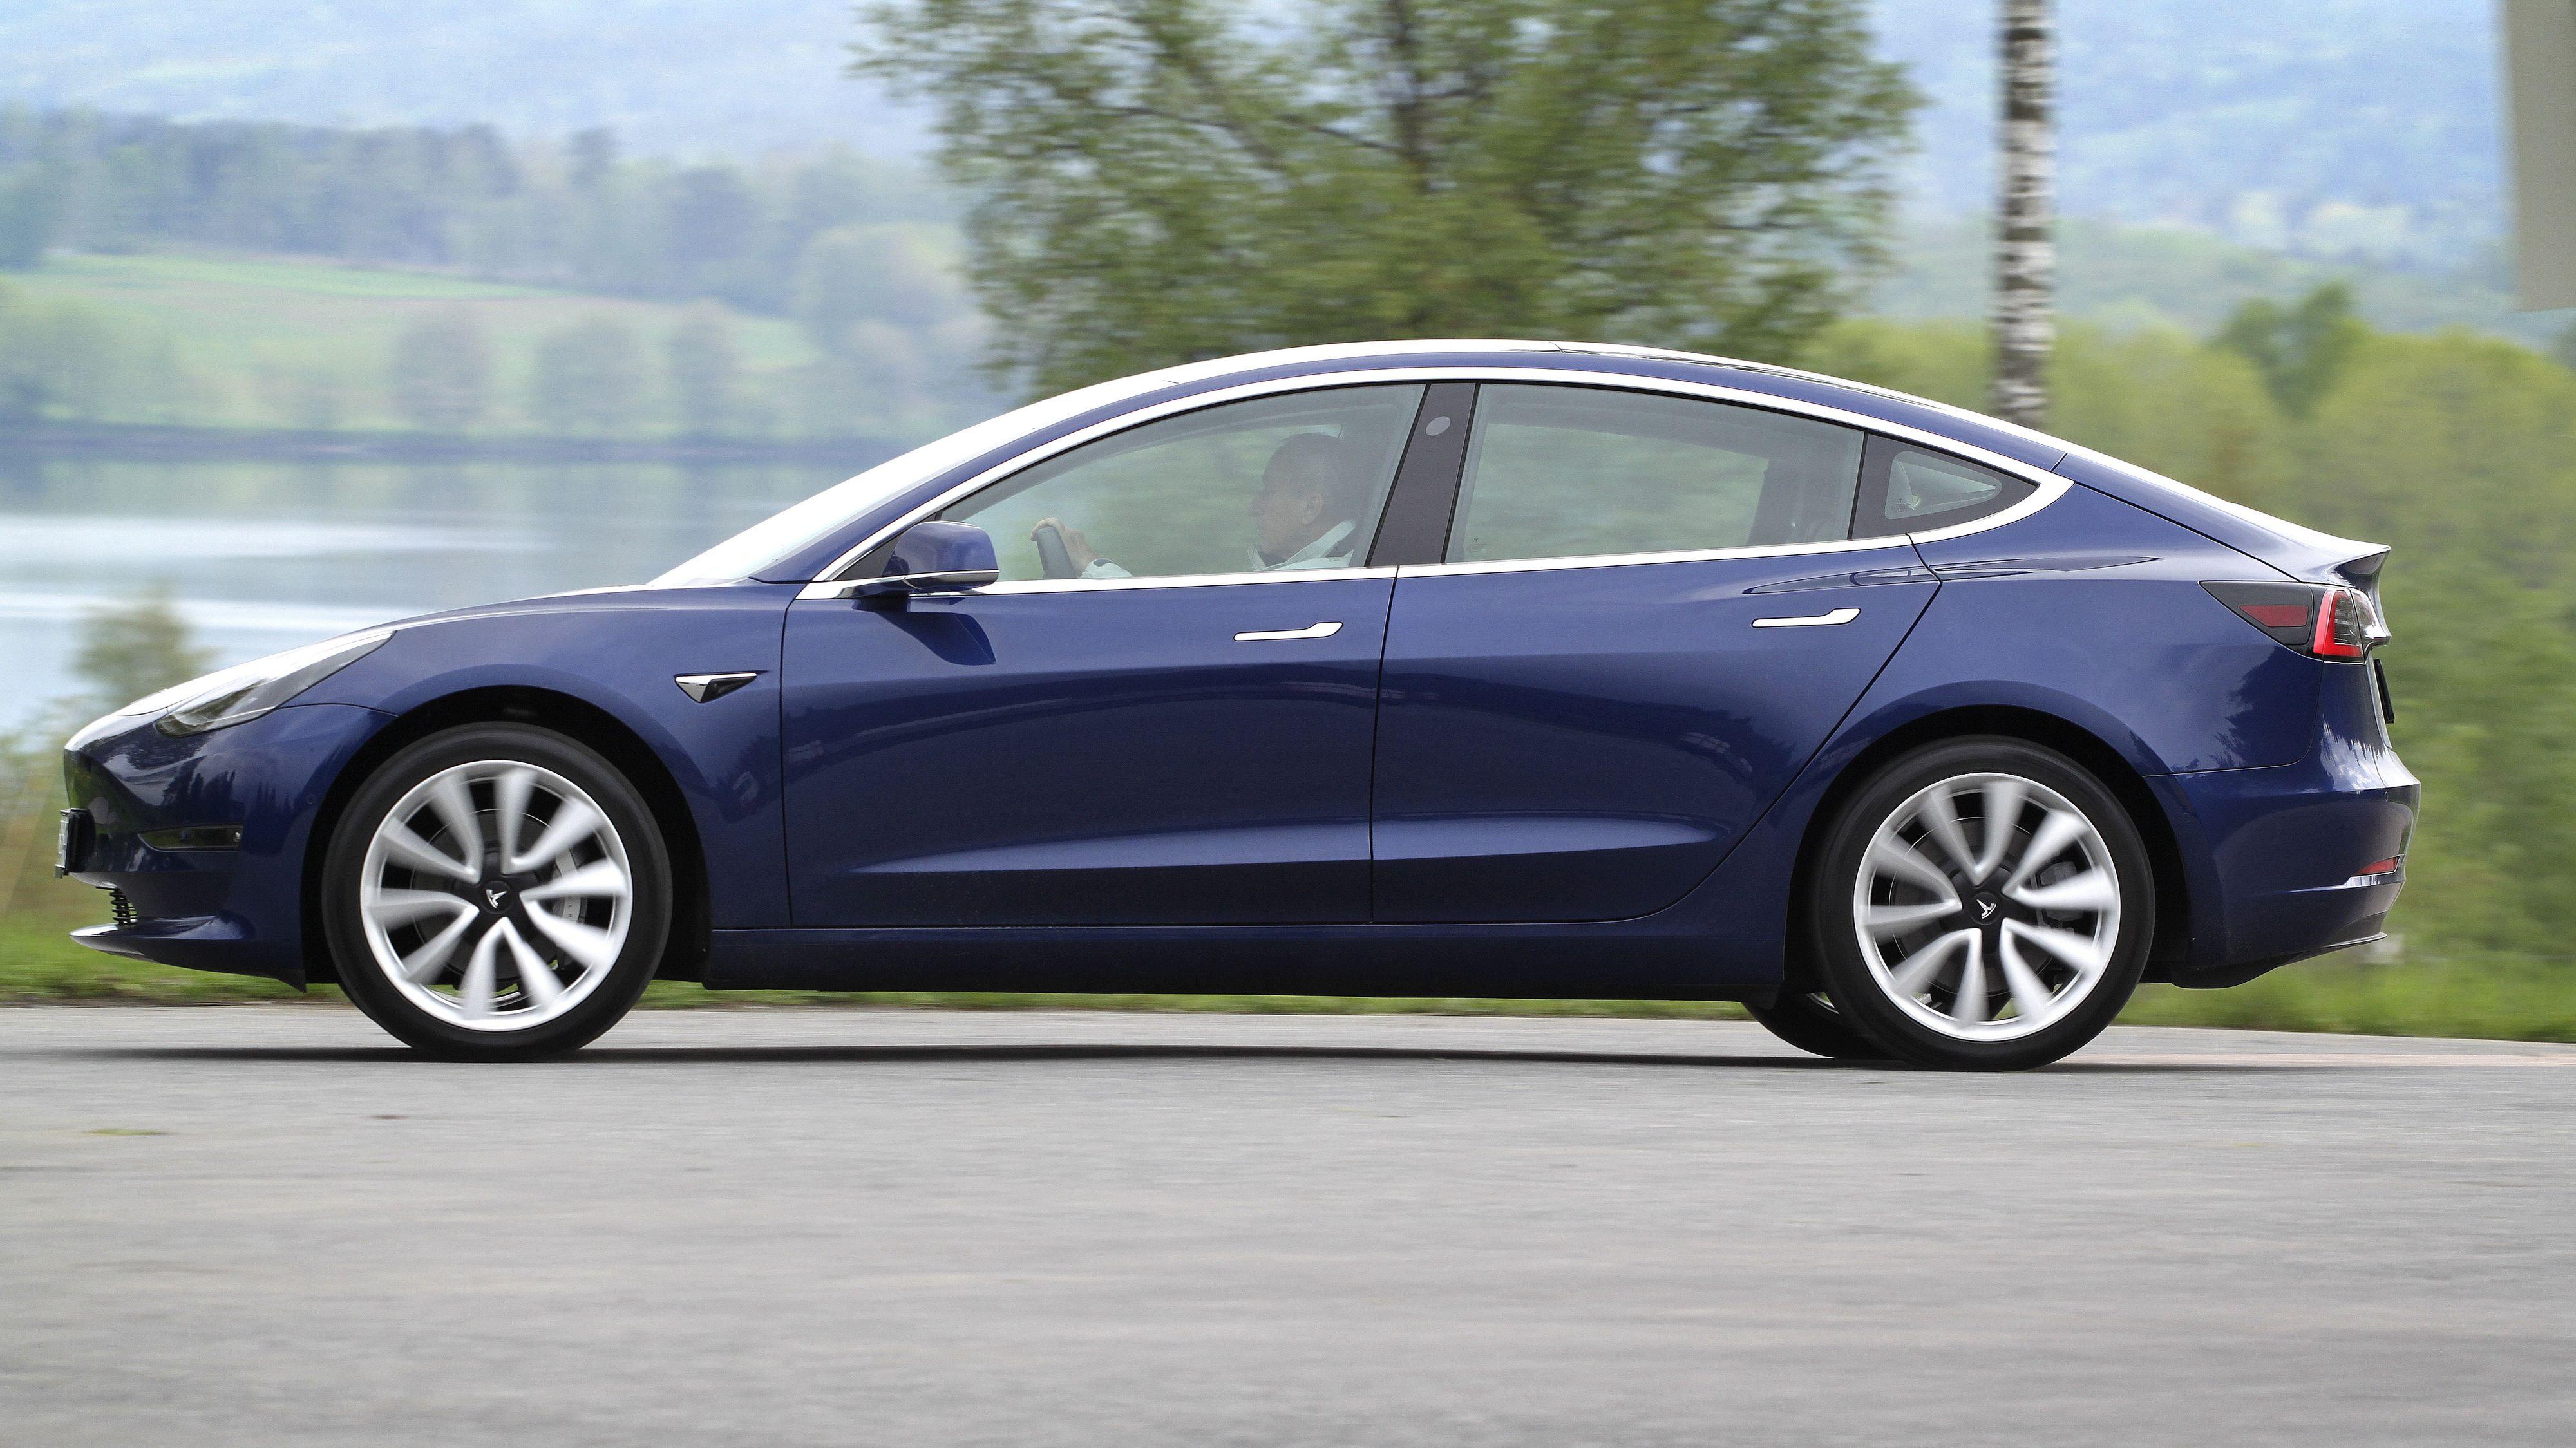 Tesla leverte ut over 500 Model 3 i juni, fem ganger så mange som det totale antallet de leverte ut i mai og april.